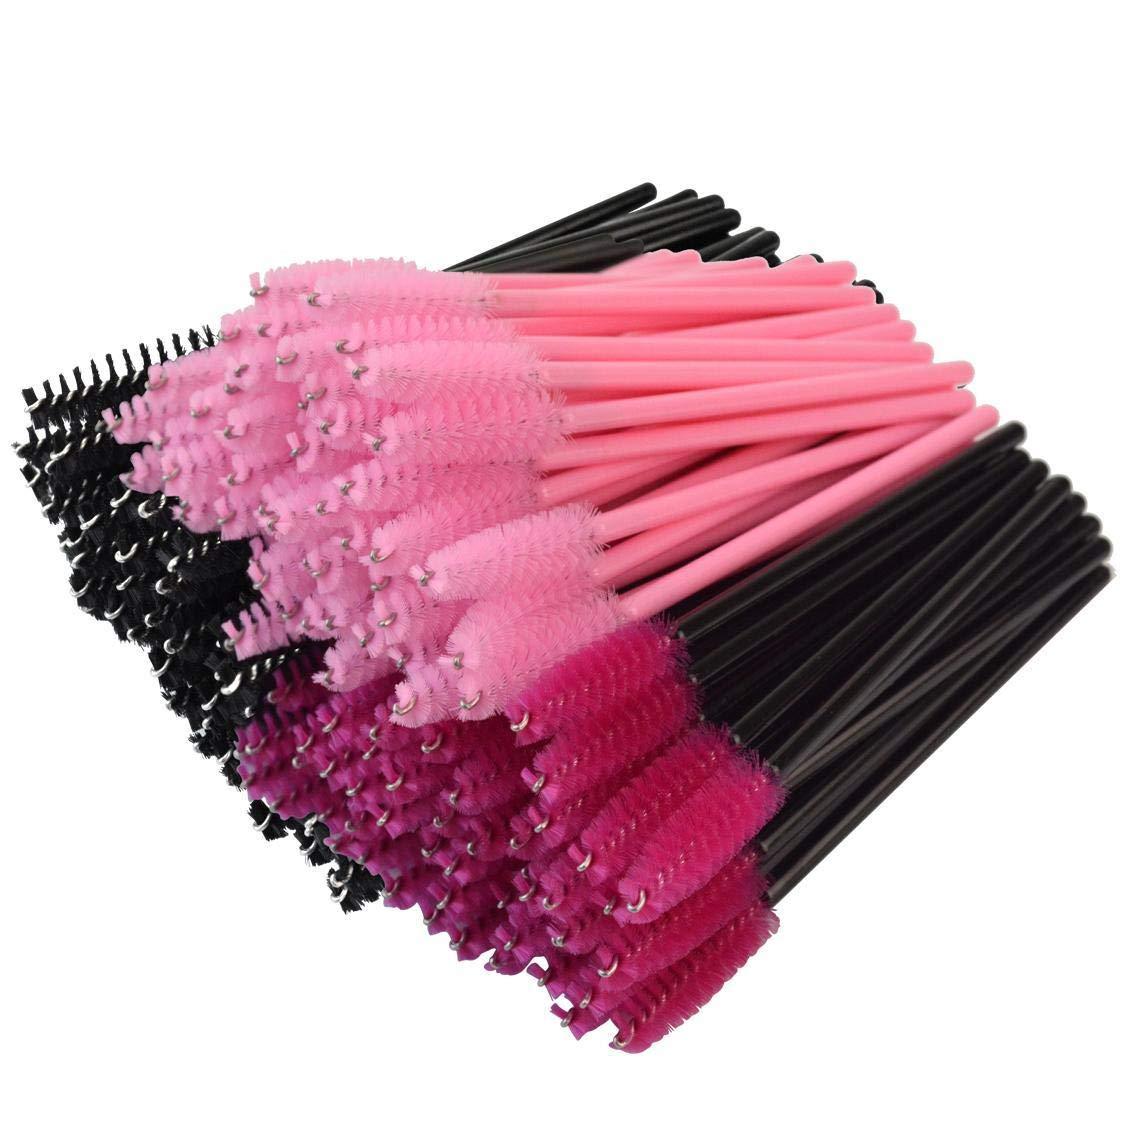 200pcs Rbenxia Disposable Eyelash Brush Mascara Wands Applicator Mix-color Makeup Brushes Kit